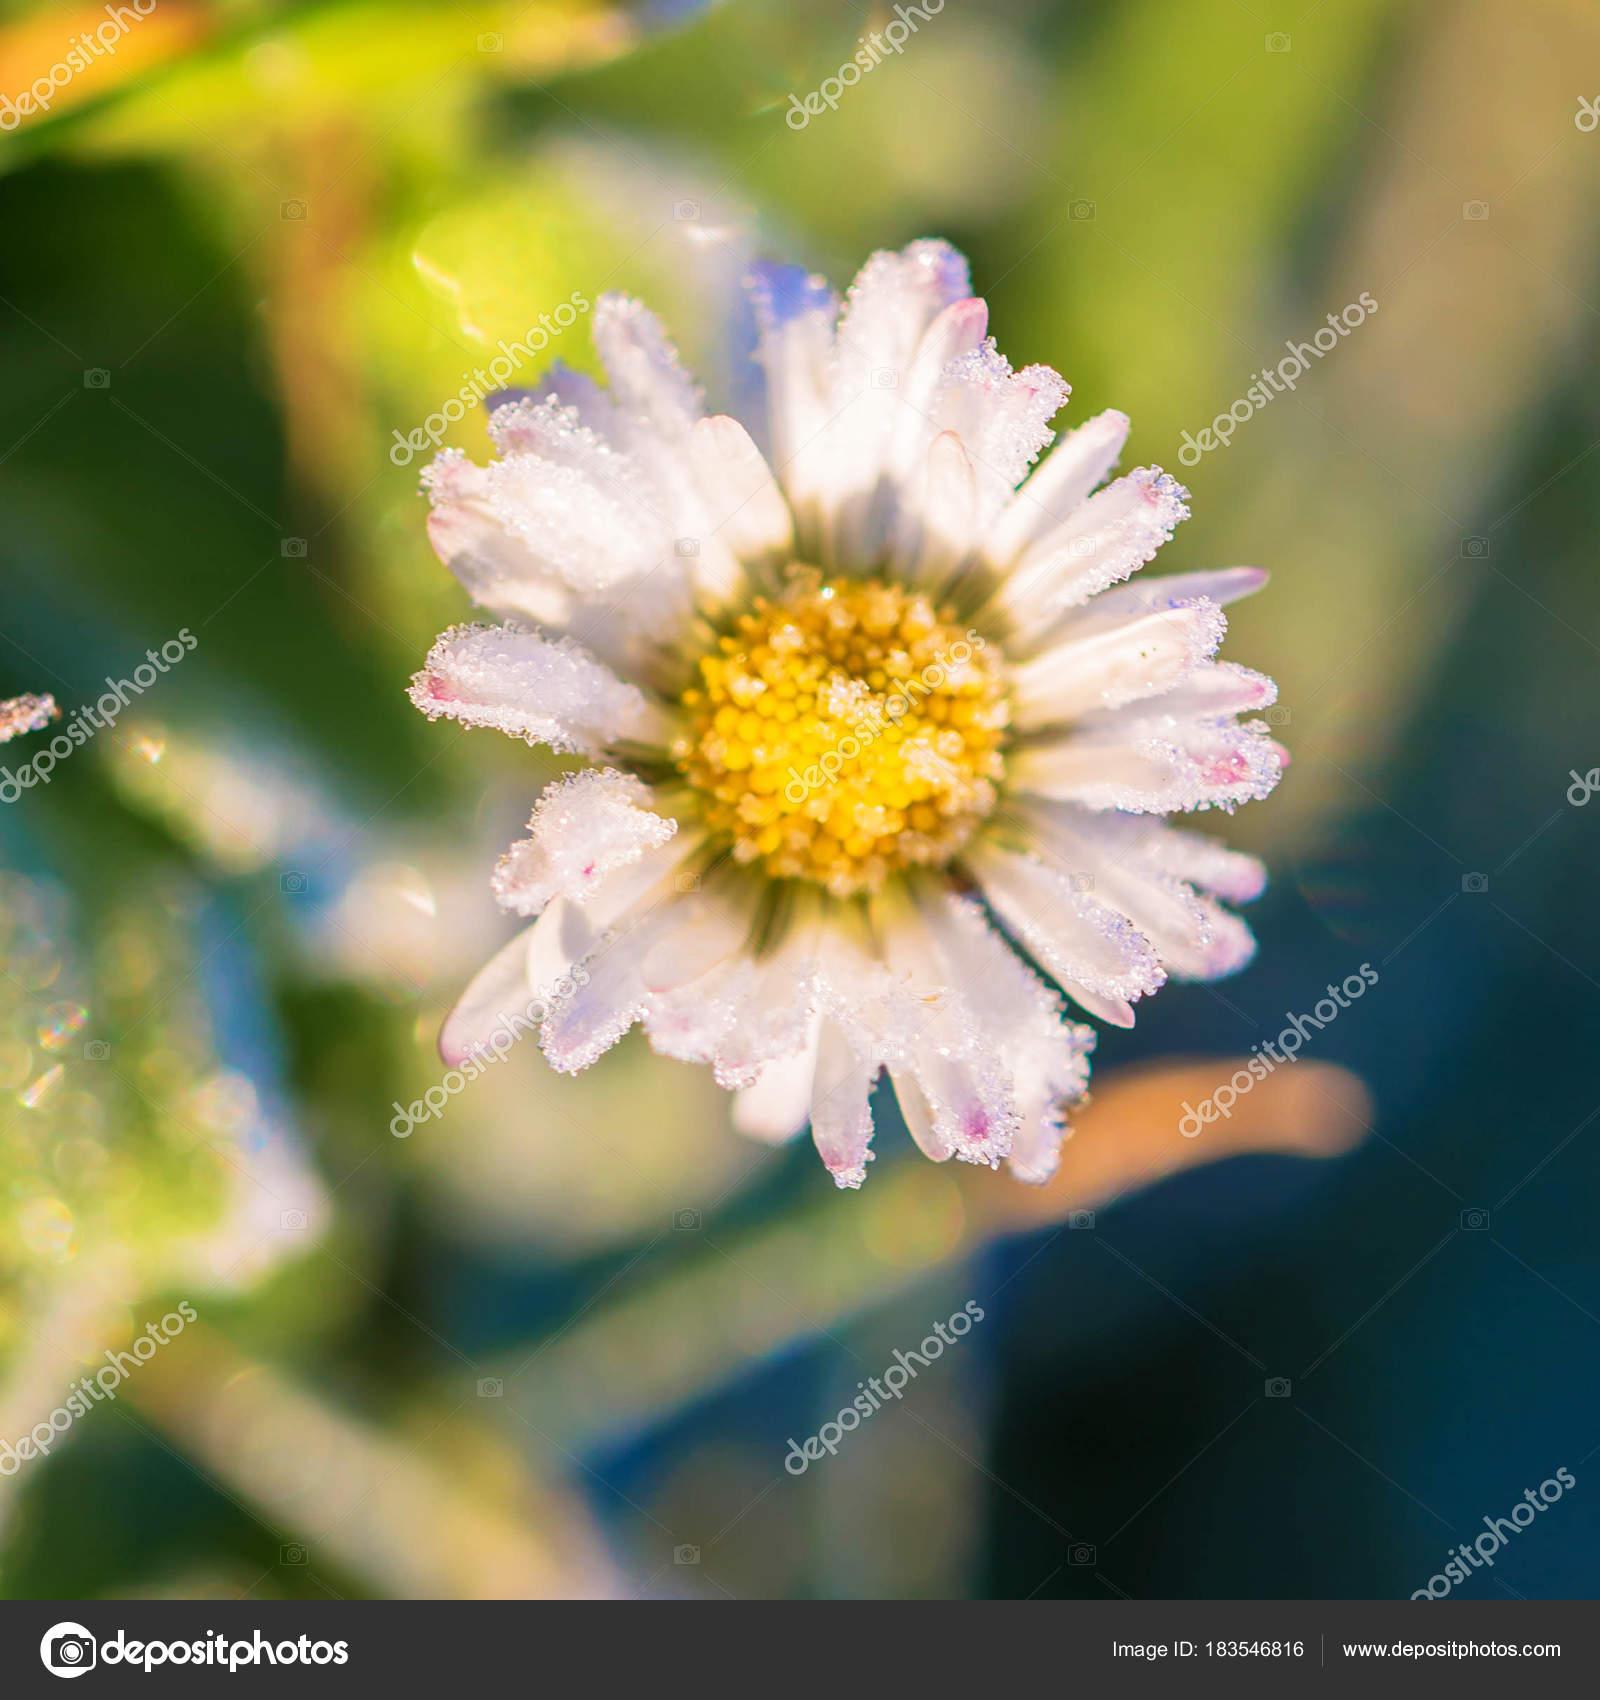 Frozen Flower Of A Daisy Close Up Stock Photo Vitalinka 183546816